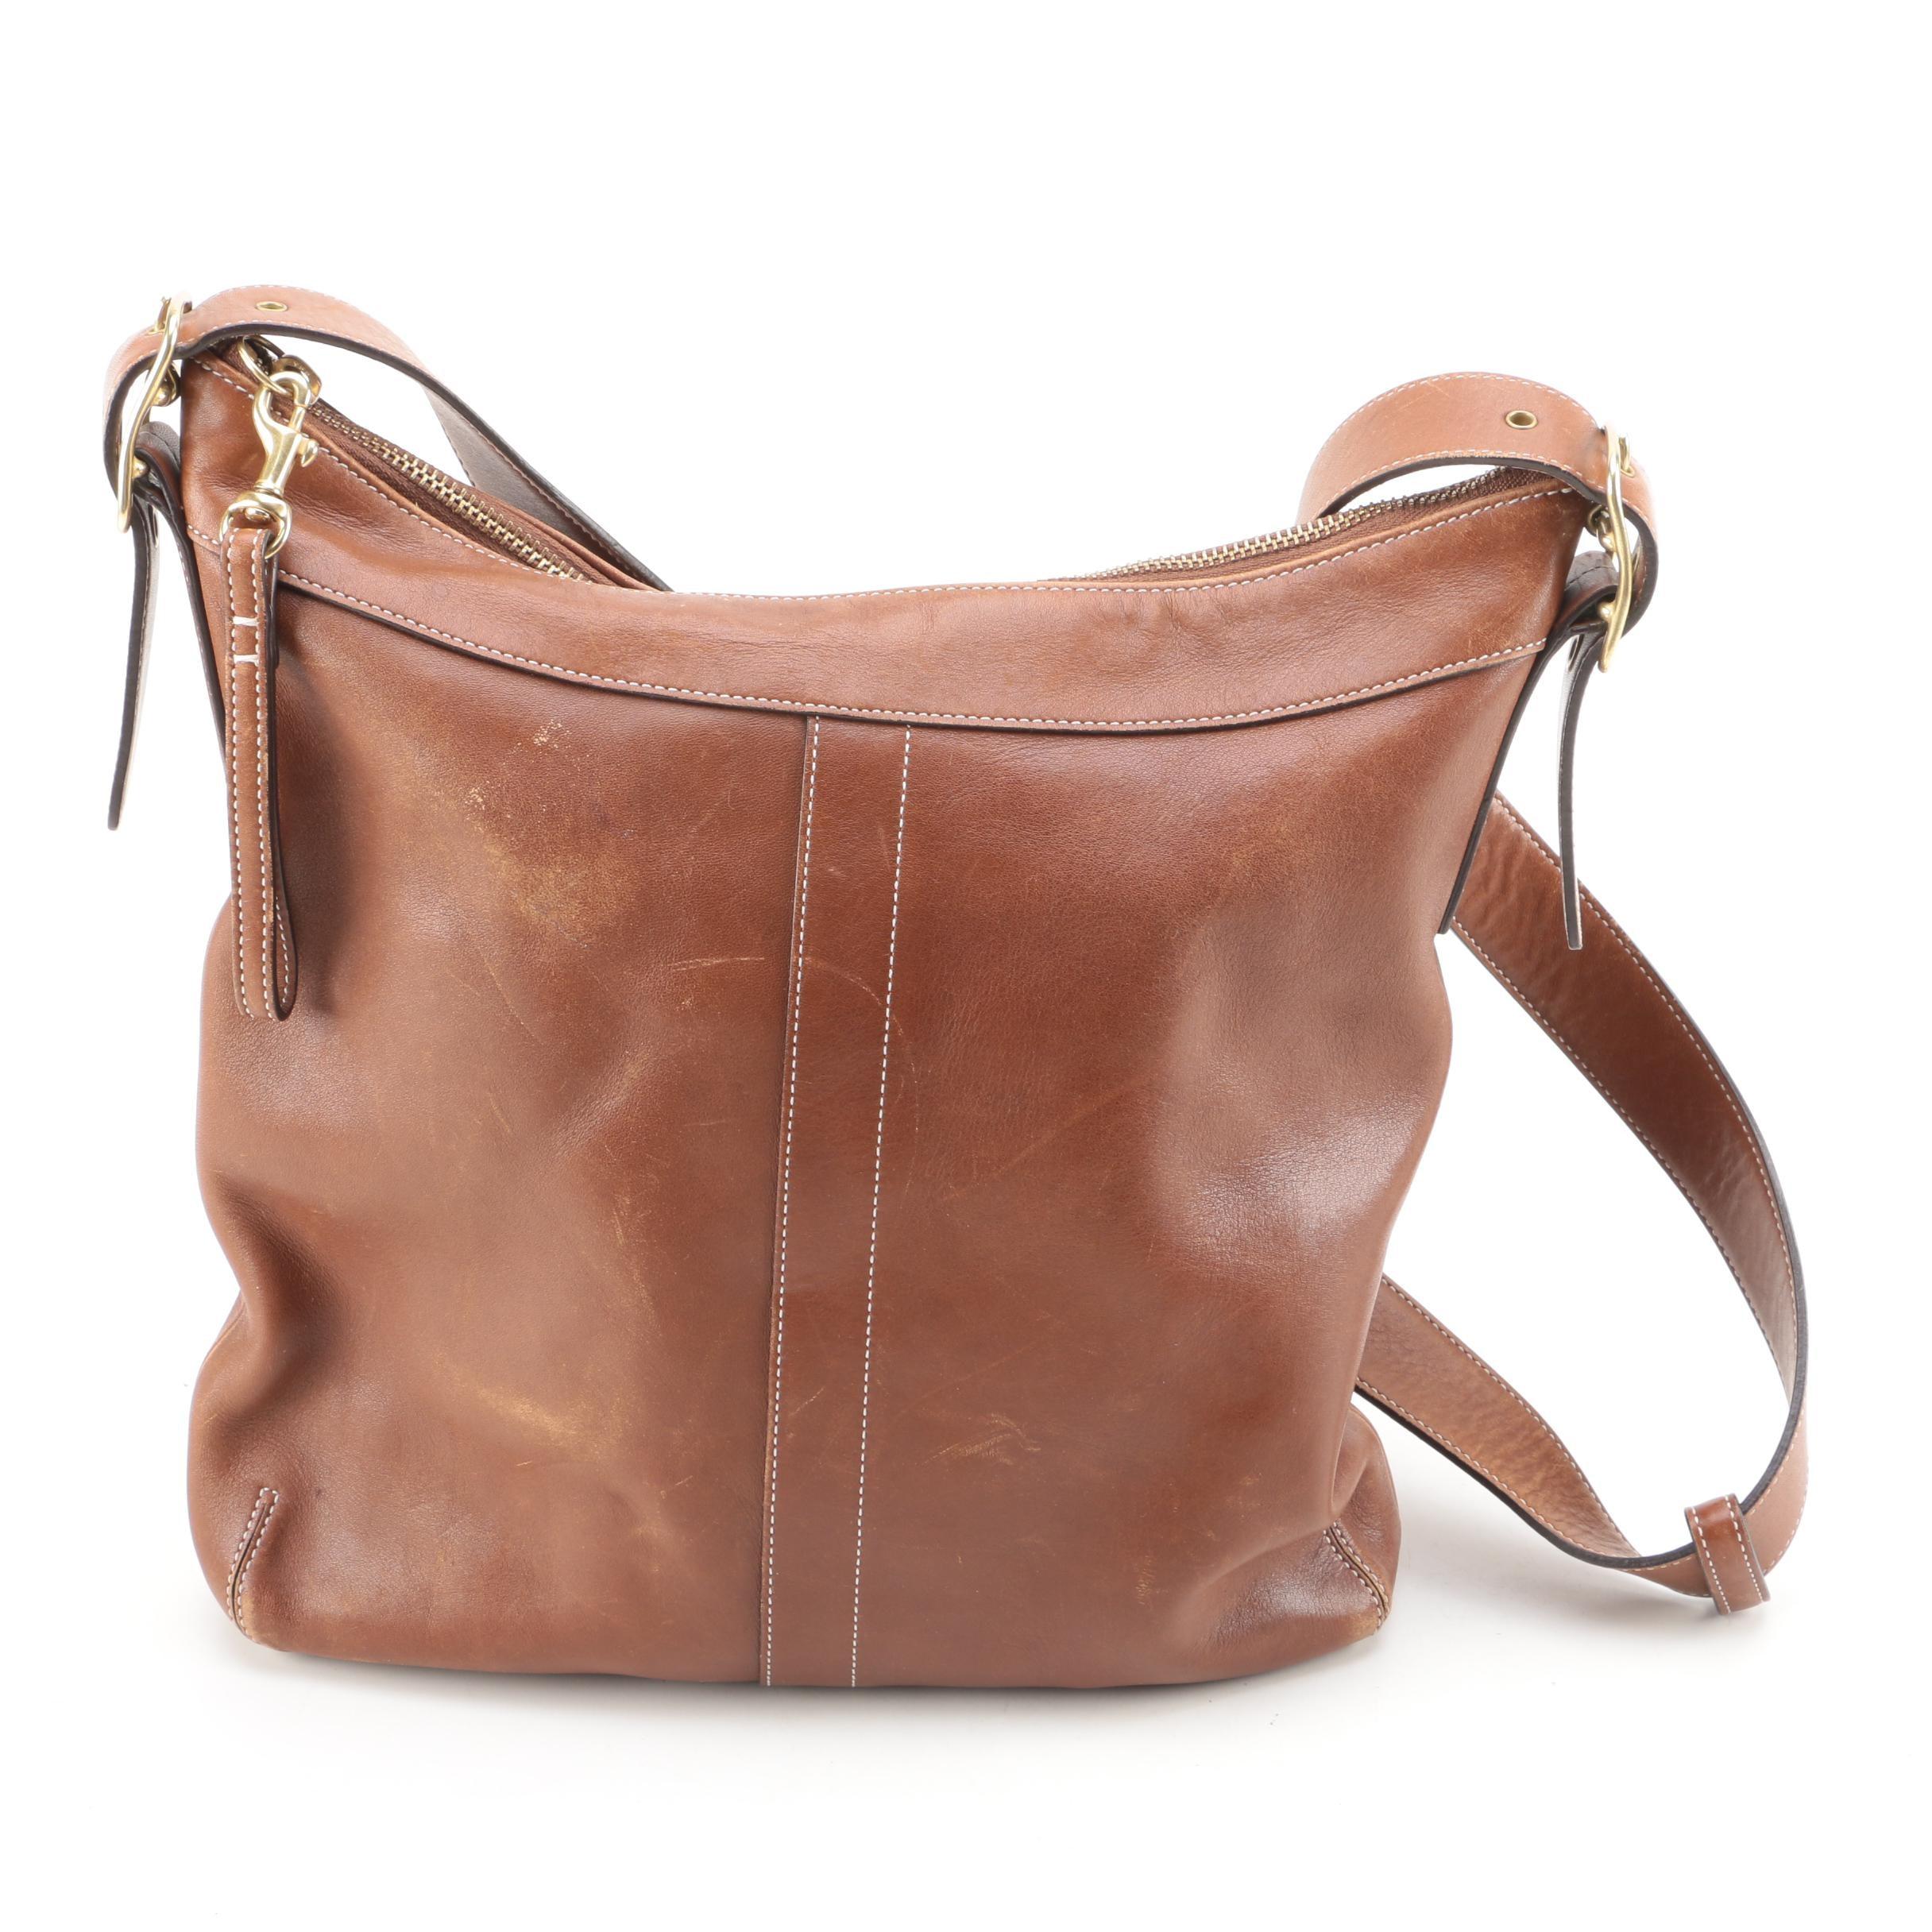 Coach Soho Brown Leather Shoulder Bag